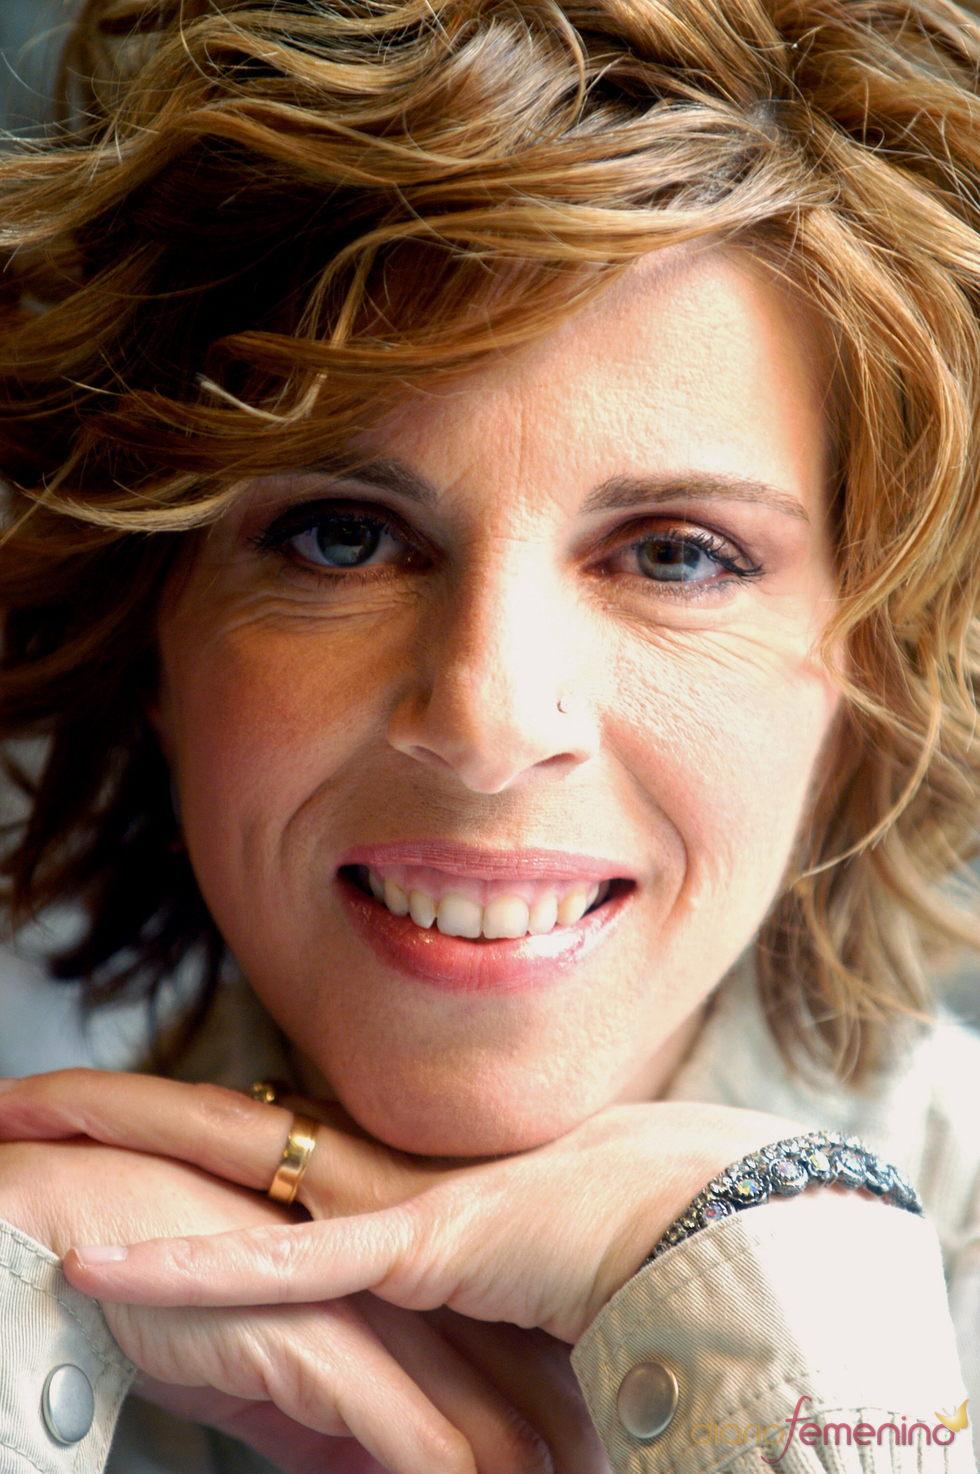 Sole Gimenez presenta 'Pequeñas cosas' rodeada de artistas españoles